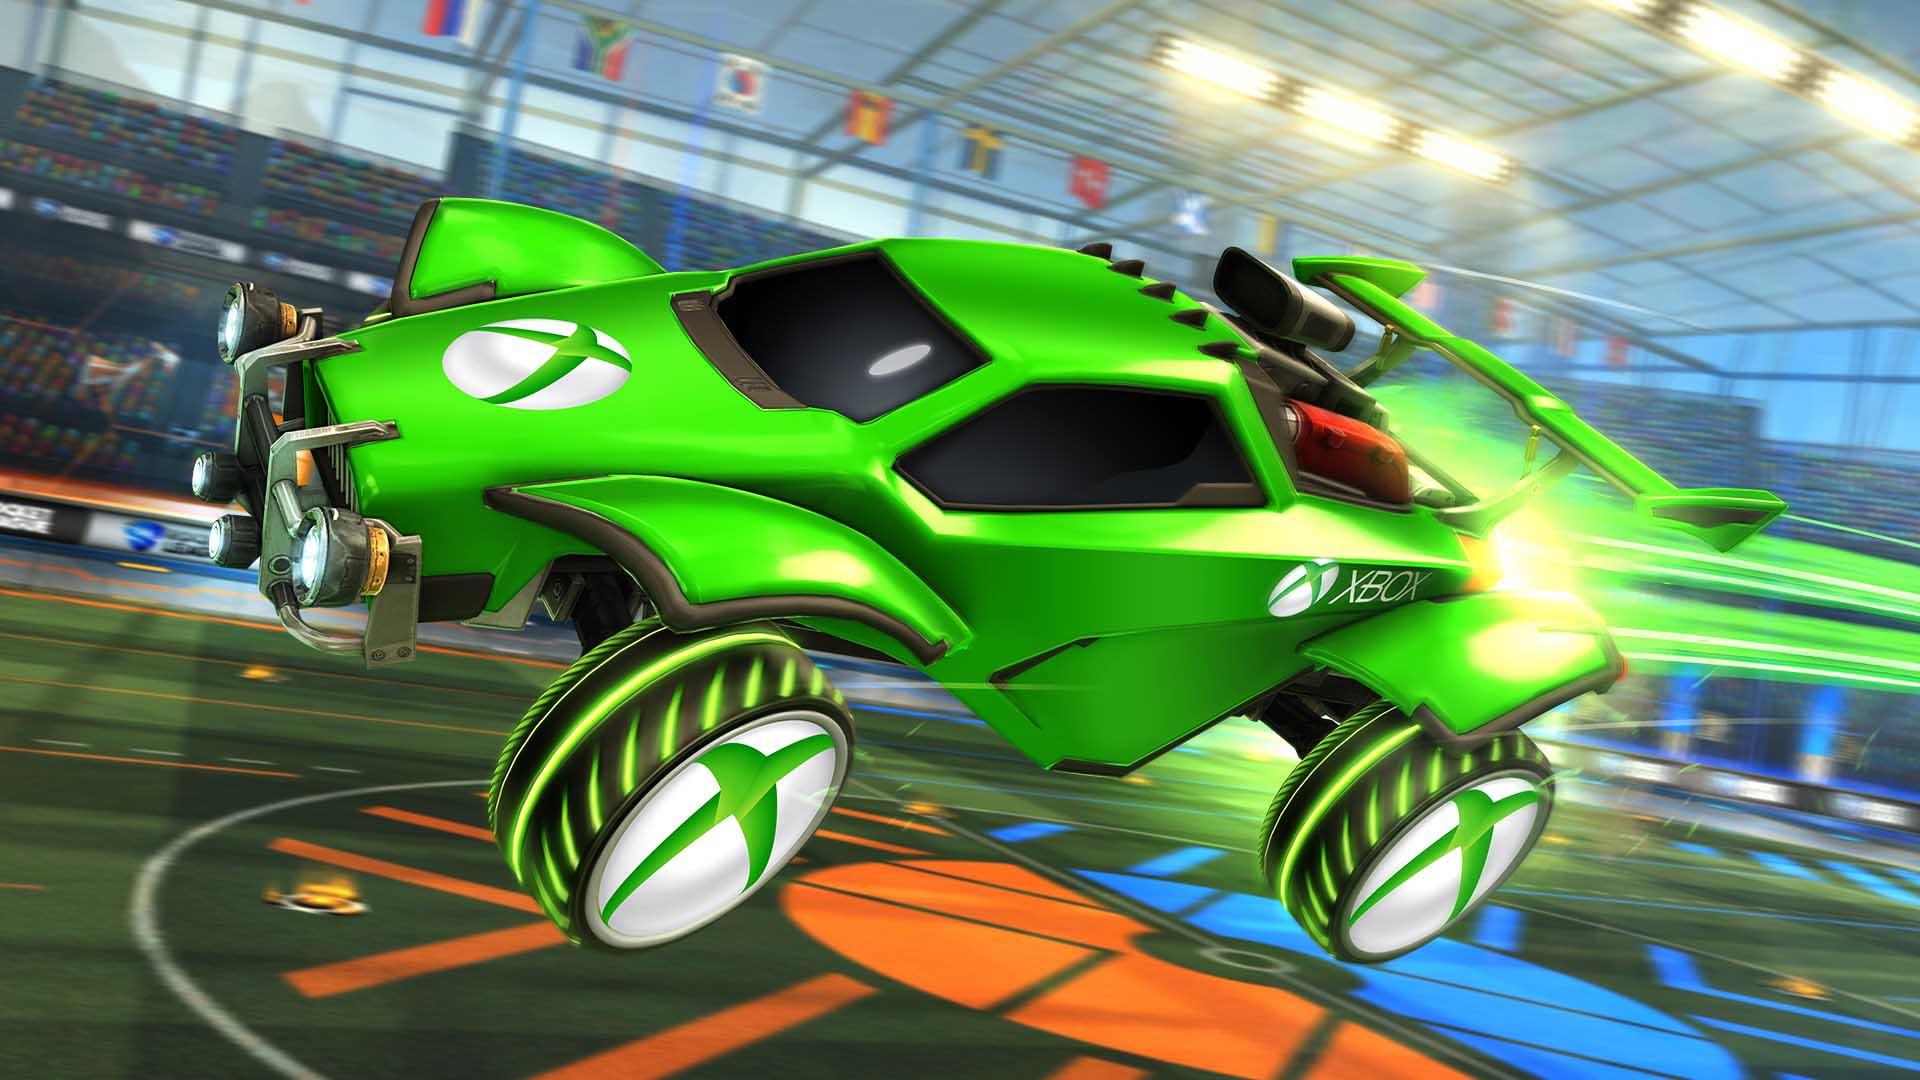 La próxima actualización de Rocket League eliminará las cajas botín